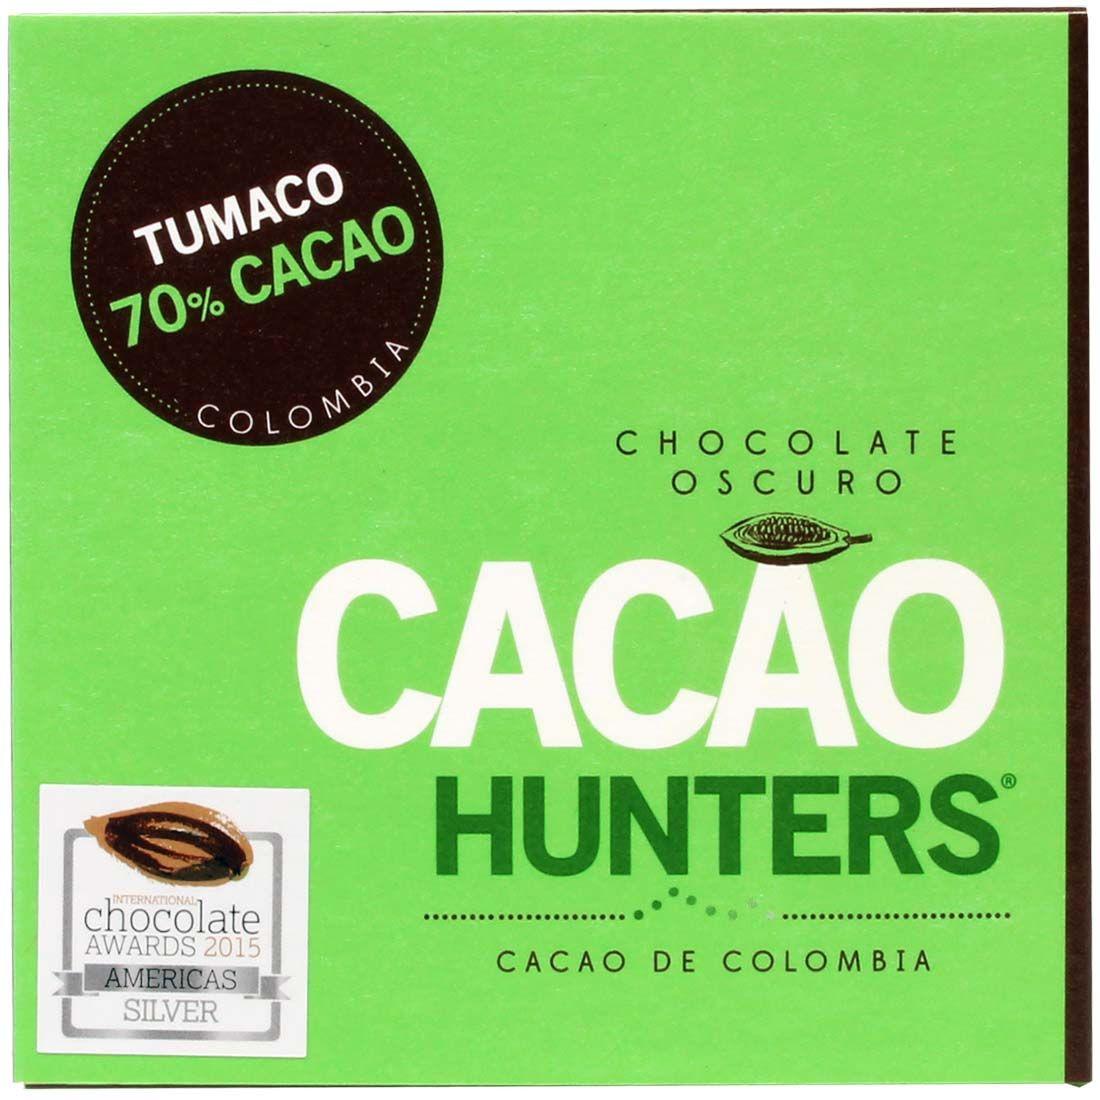 Cacao Hunters Tumaco 70% Cacao Colombia